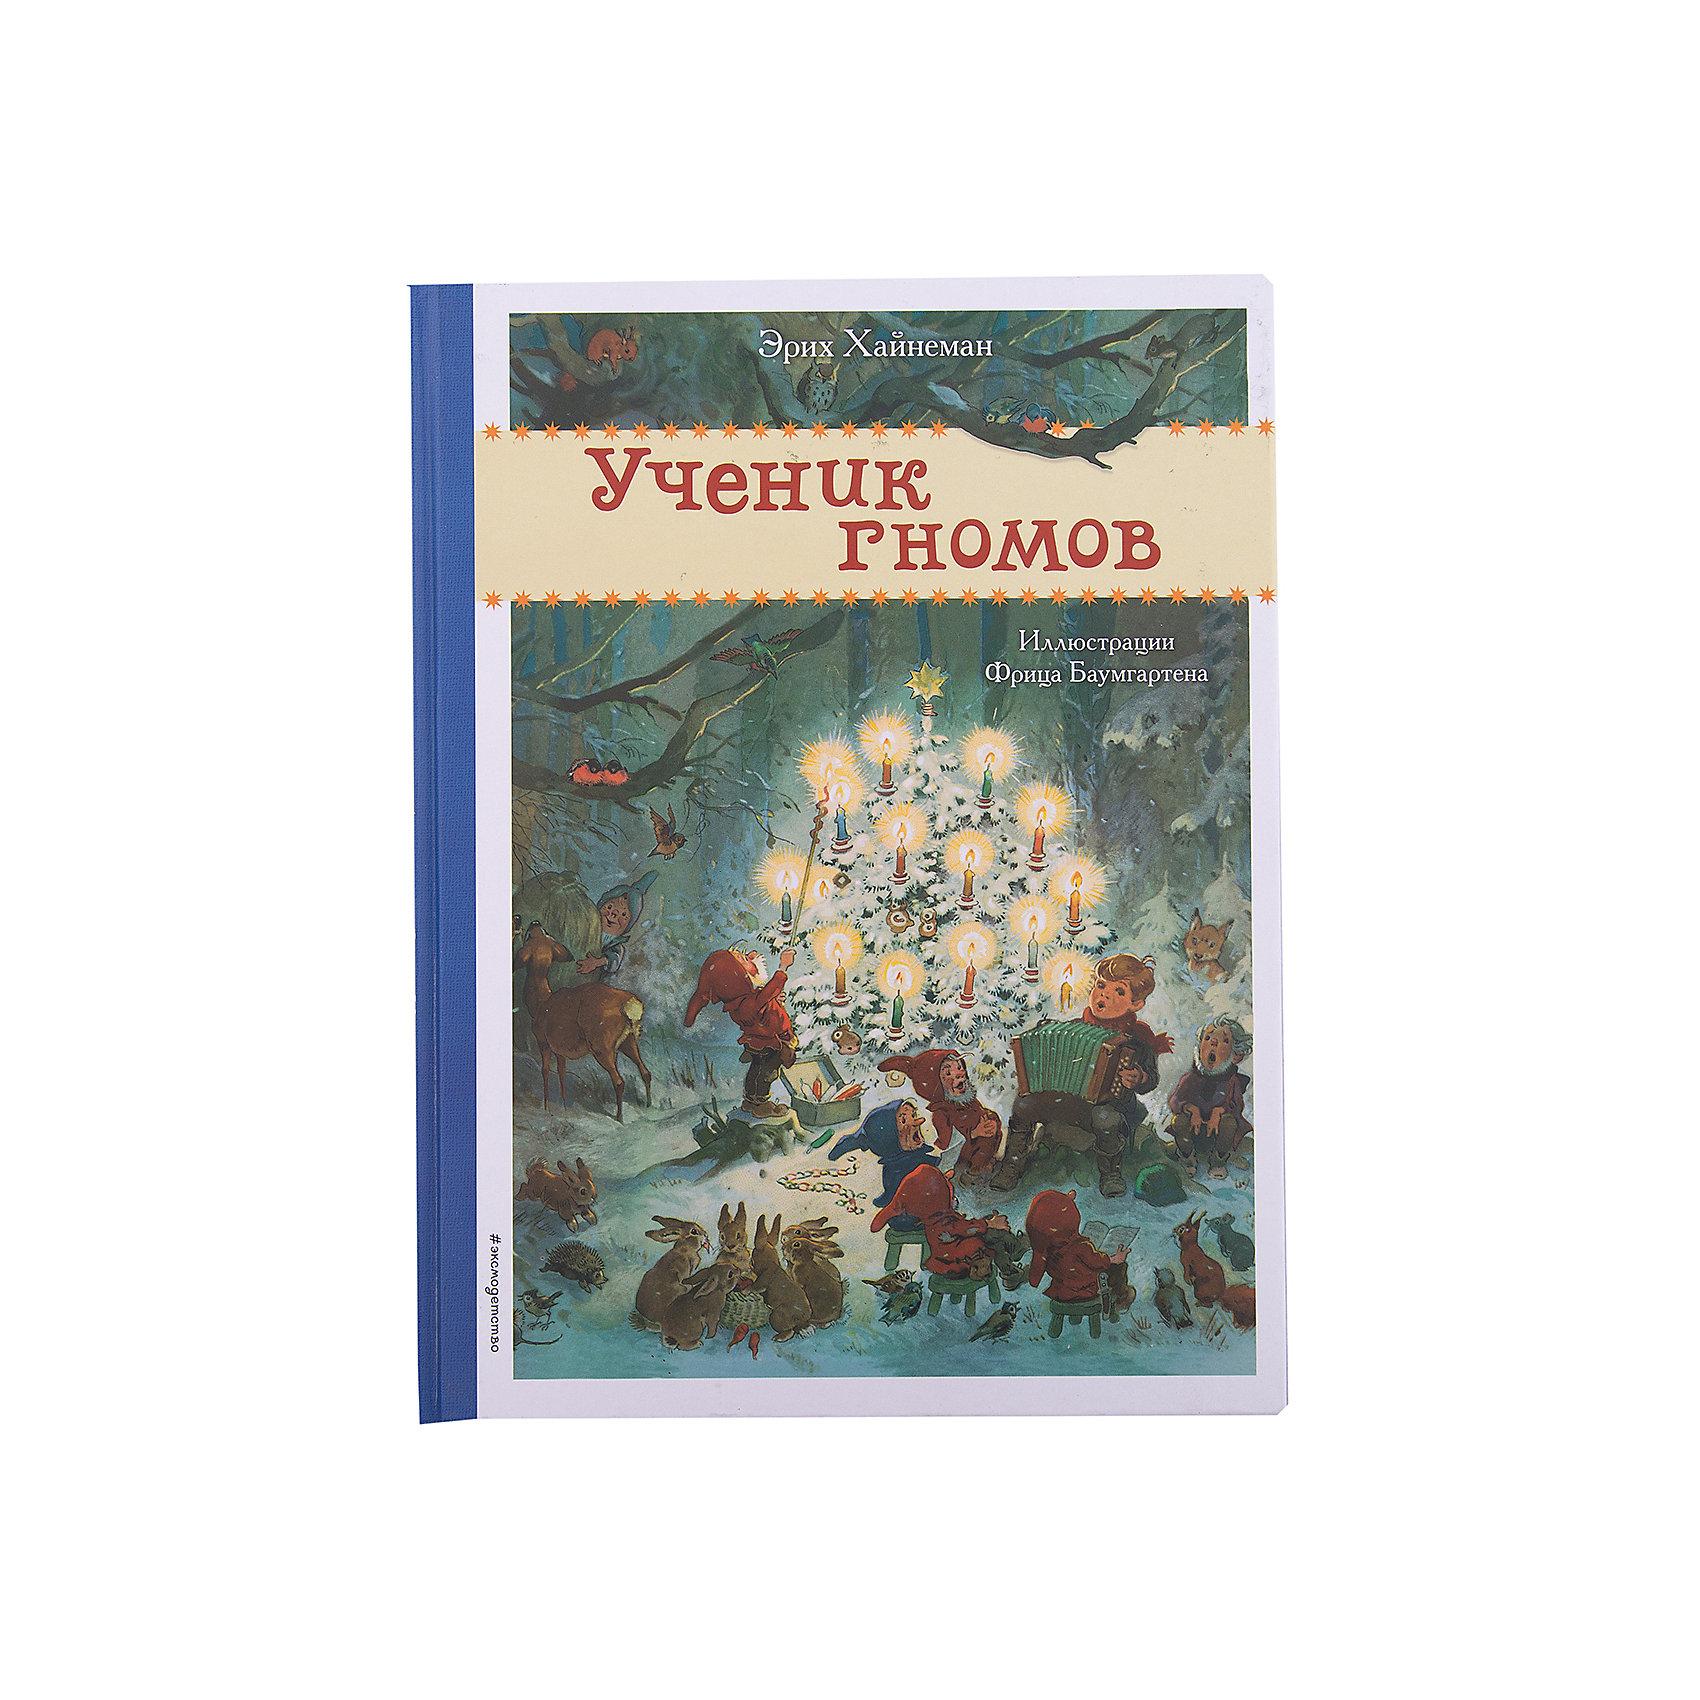 Ученик гномовСказки, рассказы, стихи<br>Прекрасный подарок на Рождество и Новый год для любителей сказок со счастливым концом и ценителей классических иллюстраций. По пути через заколдованный лес мальчик Михаэль встречает гномов. Они пожалели его и взяли с собой в свою пещеру. Всю зиму прожил Михаэль у гномов, обучаясь ремеслу рудокопа, и однажды ему улыбнулась удача… <br>Для этой сказки известный немецкий художник Фриц Баумгартен создал удивительный и реалистичный мир гномов, нарисовал волшебные иллюстрации, которые и до сегодняшнего дня не потеряли живости и выразительности.<br>Для чтения взрослыми детям.<br><br>Ширина мм: 245<br>Глубина мм: 188<br>Высота мм: 50<br>Вес г: 290<br>Возраст от месяцев: 120<br>Возраст до месяцев: 2147483647<br>Пол: Унисекс<br>Возраст: Детский<br>SKU: 5535388